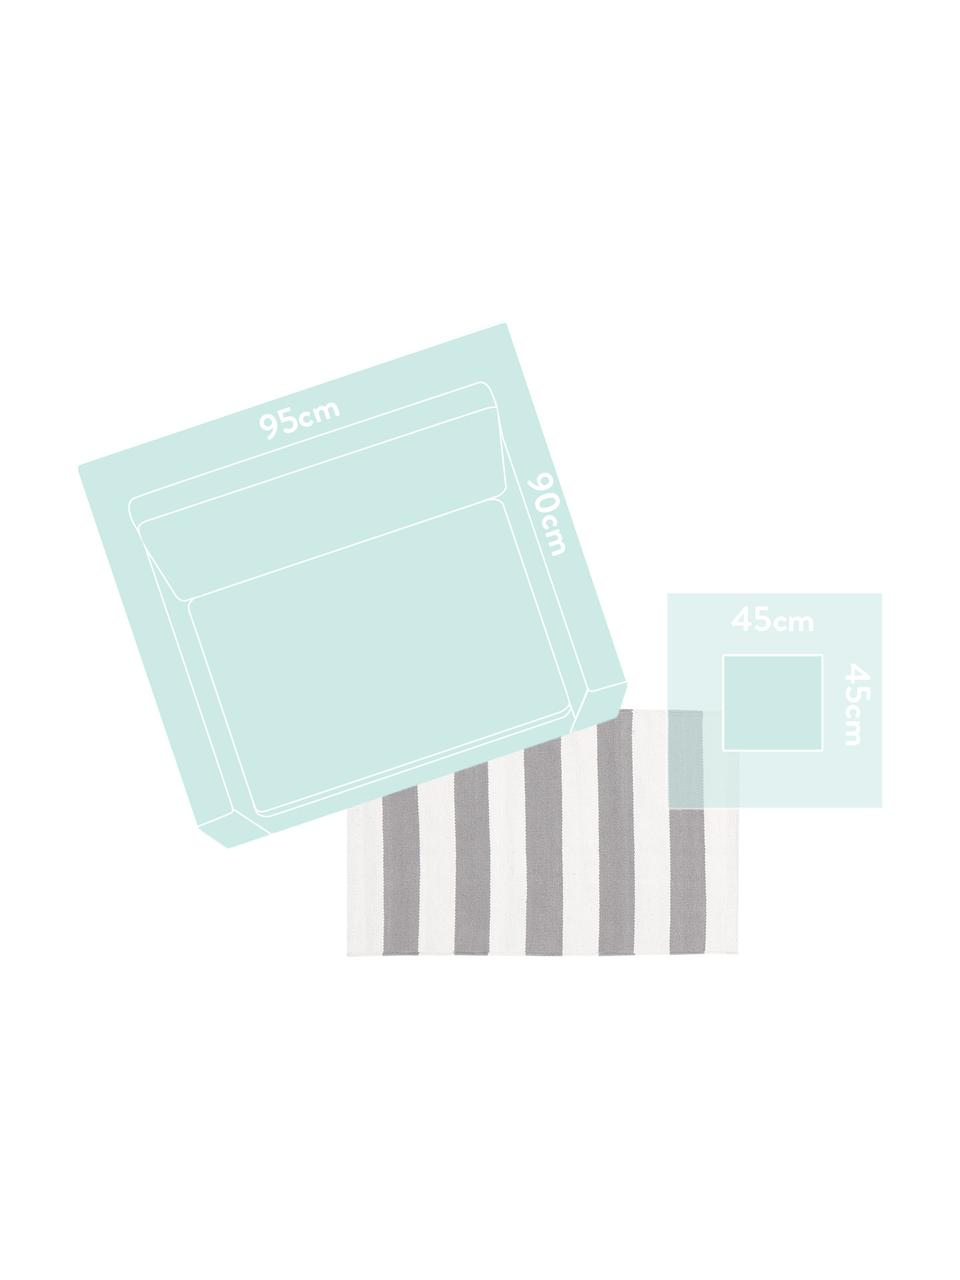 Gestreept katoenen vloerkleed Blocker in grijs/wit, handgeweven, 100% katoen, Crèmewit/lichtgrijs, B 200 x L 300 cm (maat L)